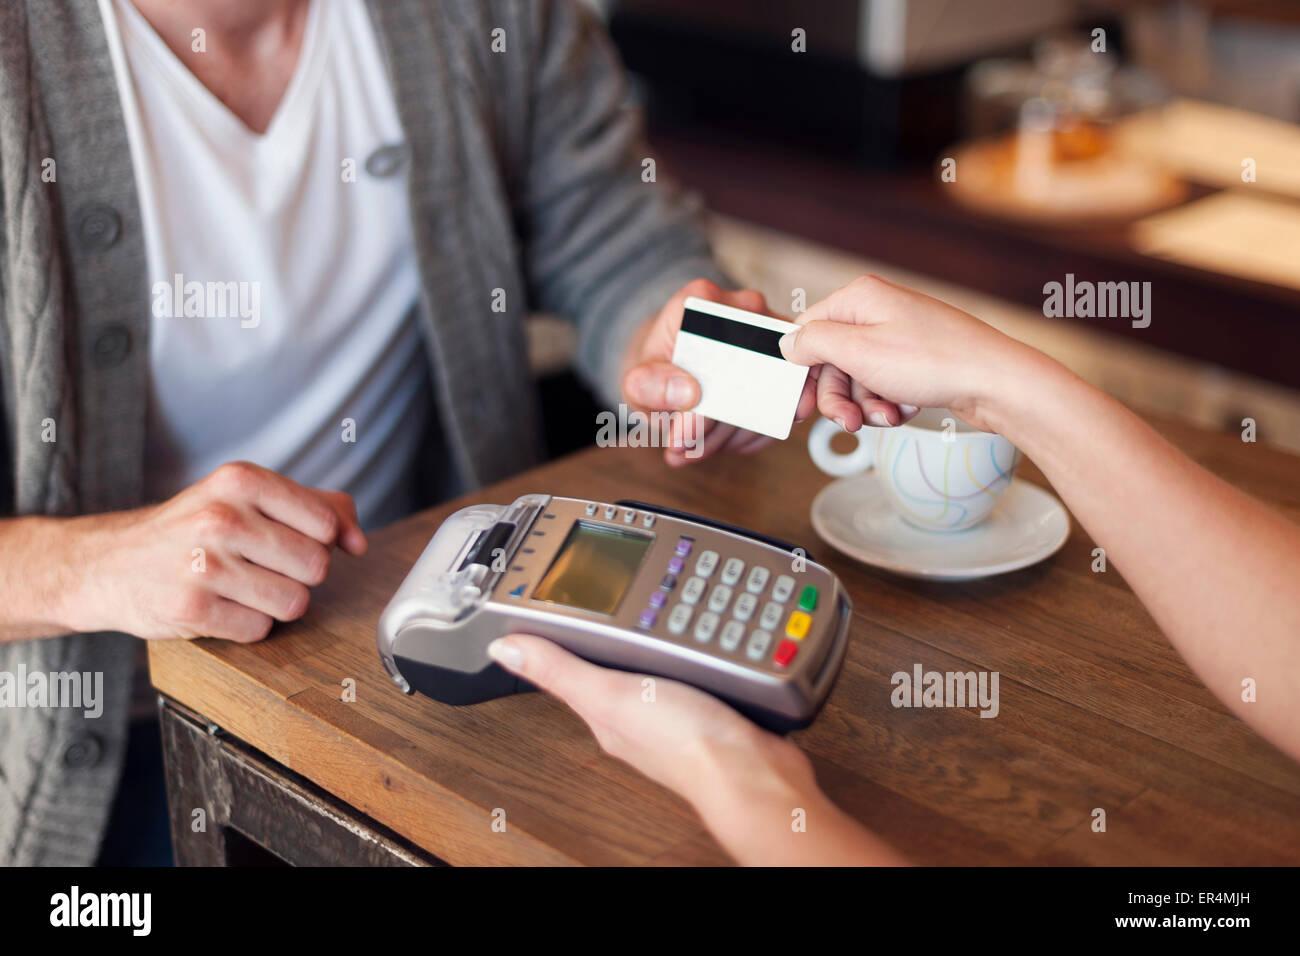 Cerca del cliente de pagar con tarjeta de crédito. Cracovia, Polonia Imagen De Stock